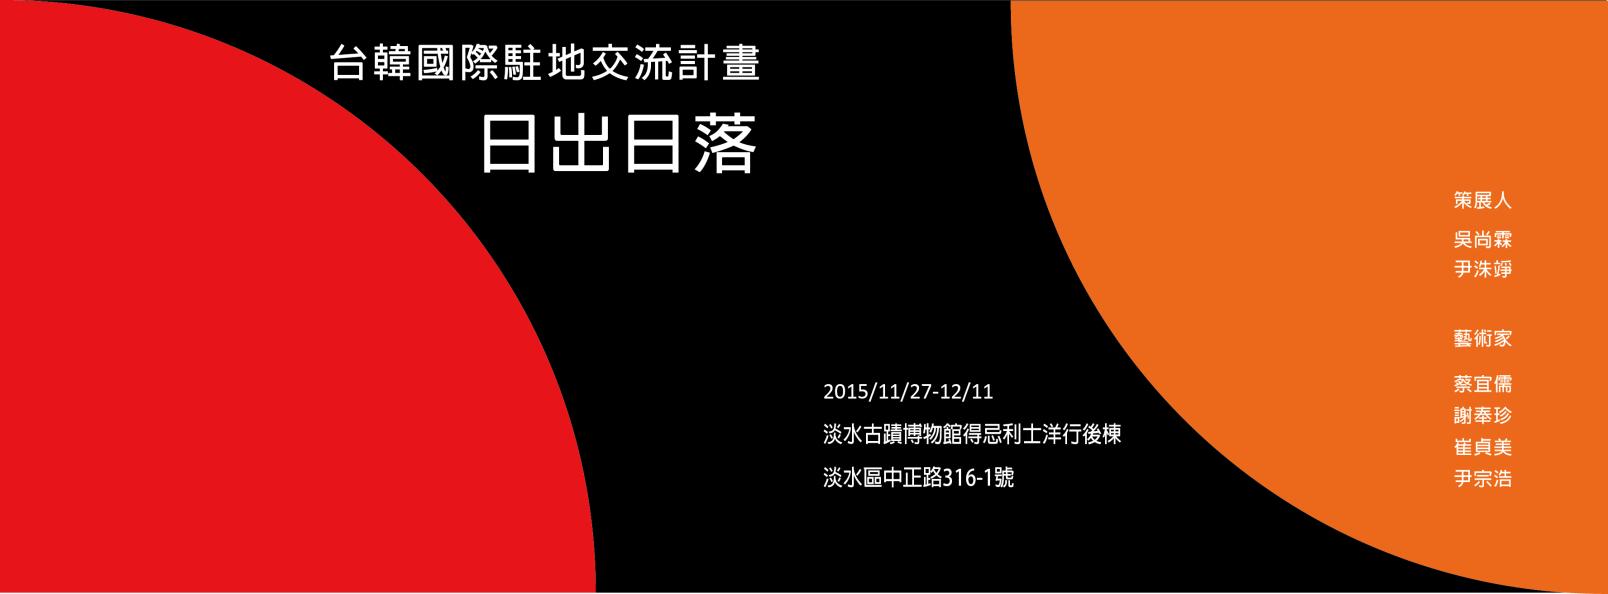 2015 日出日落 – 臺韓國際交流駐地計畫 (成果展)